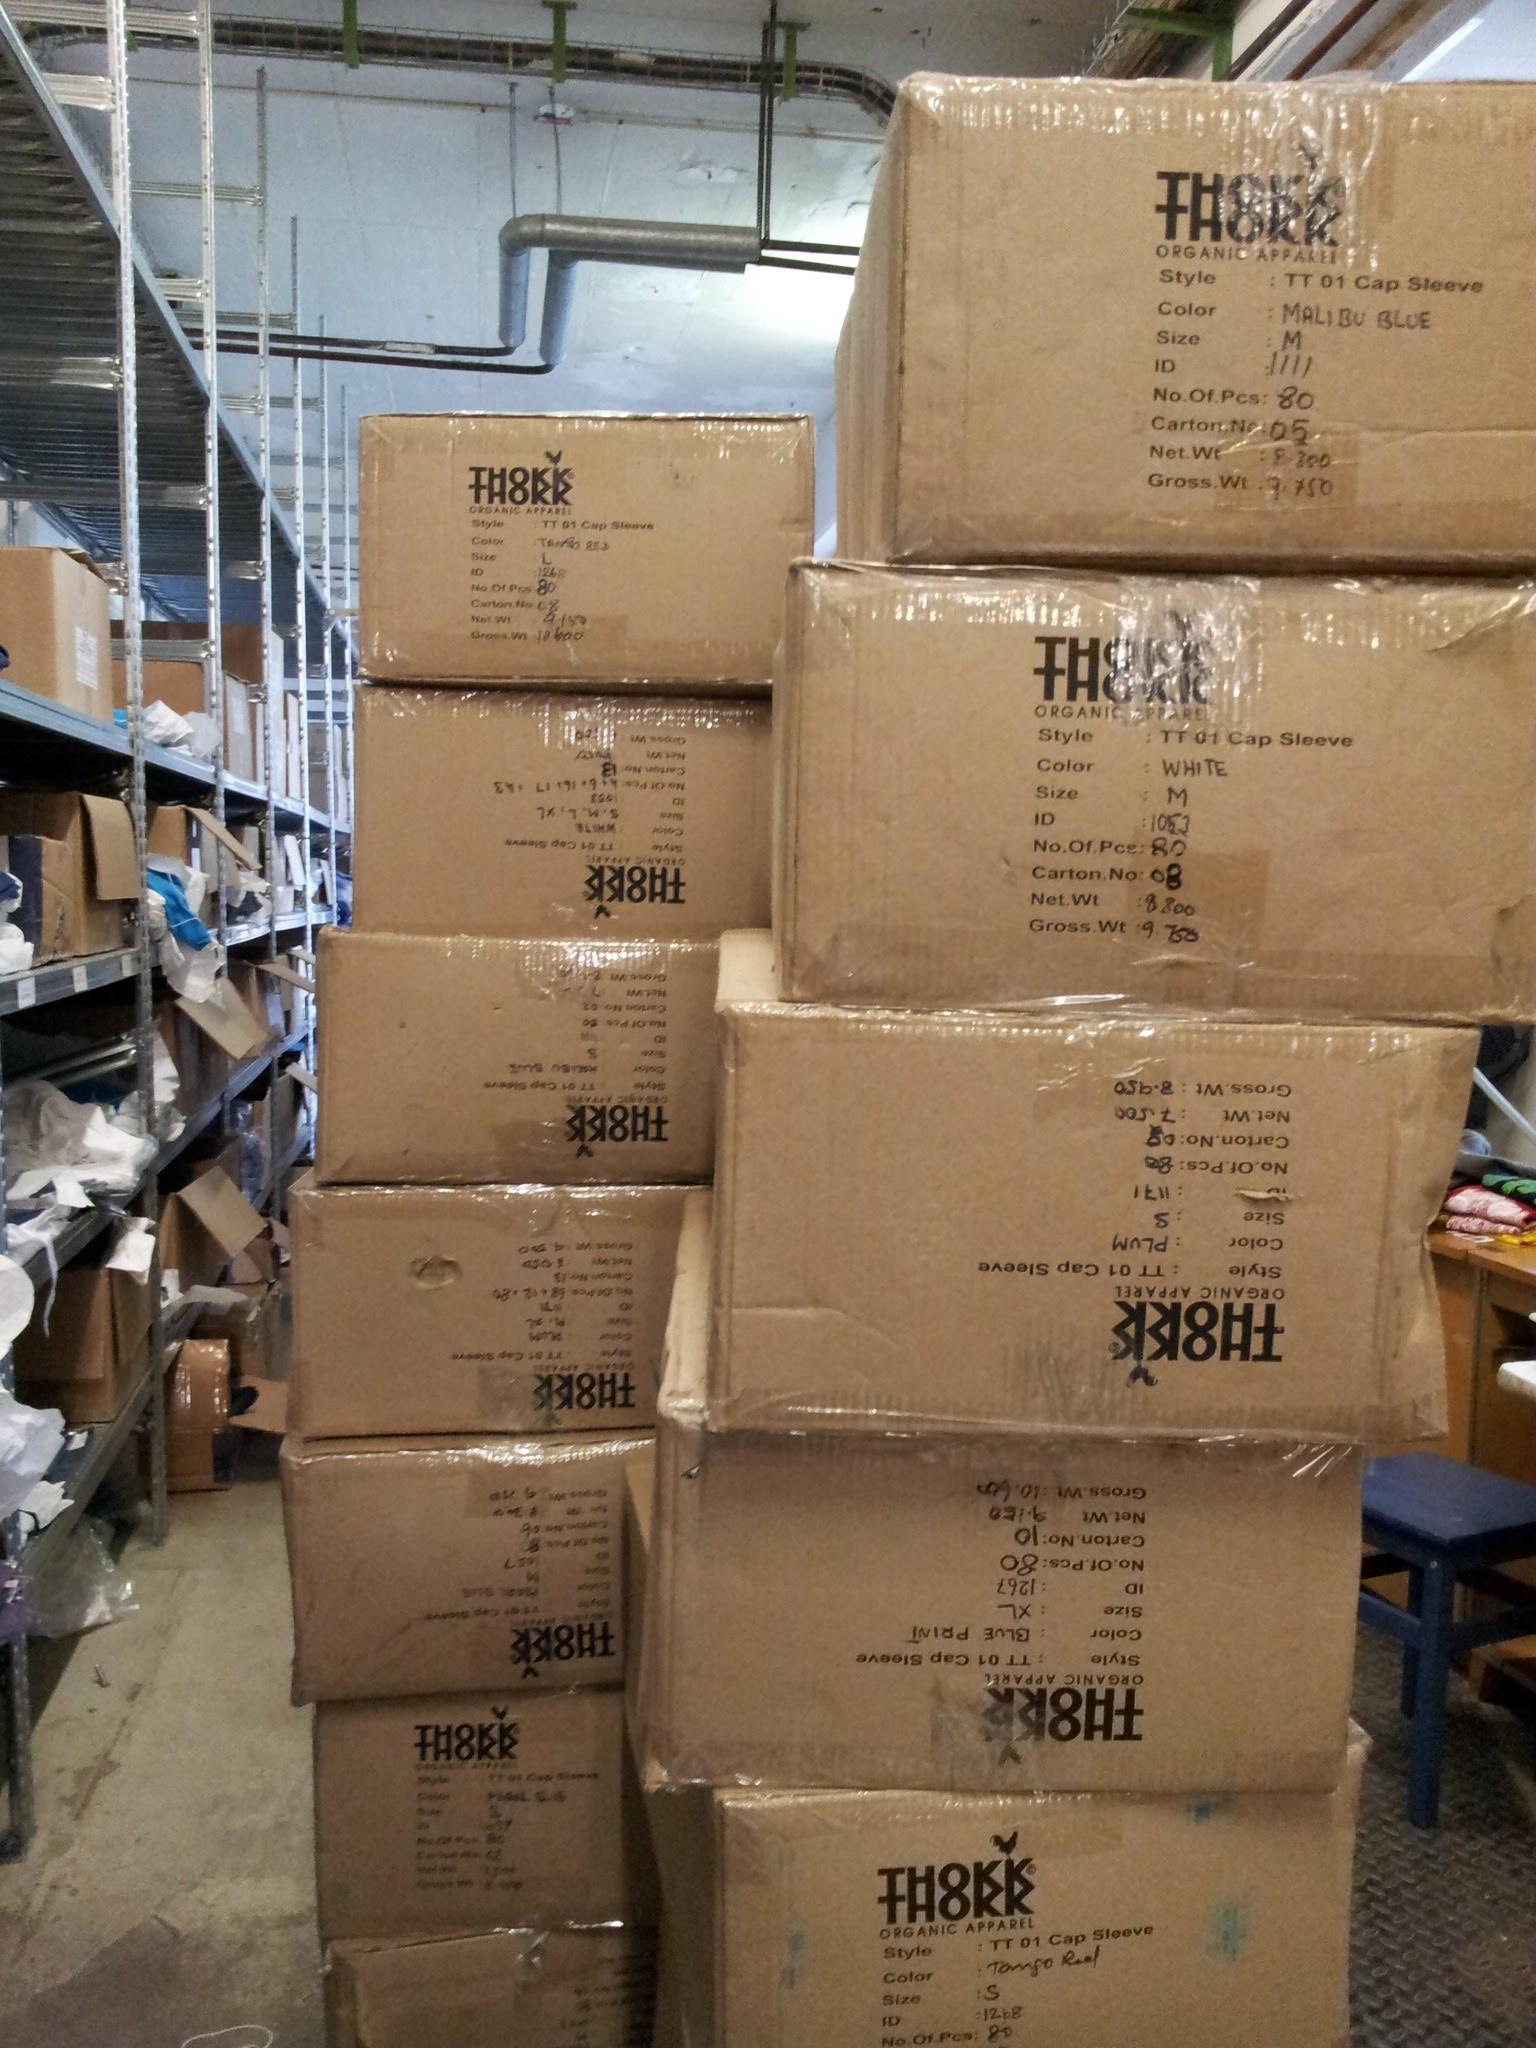 new-thokkthokk-t-shirt-warehouse-2.jpg